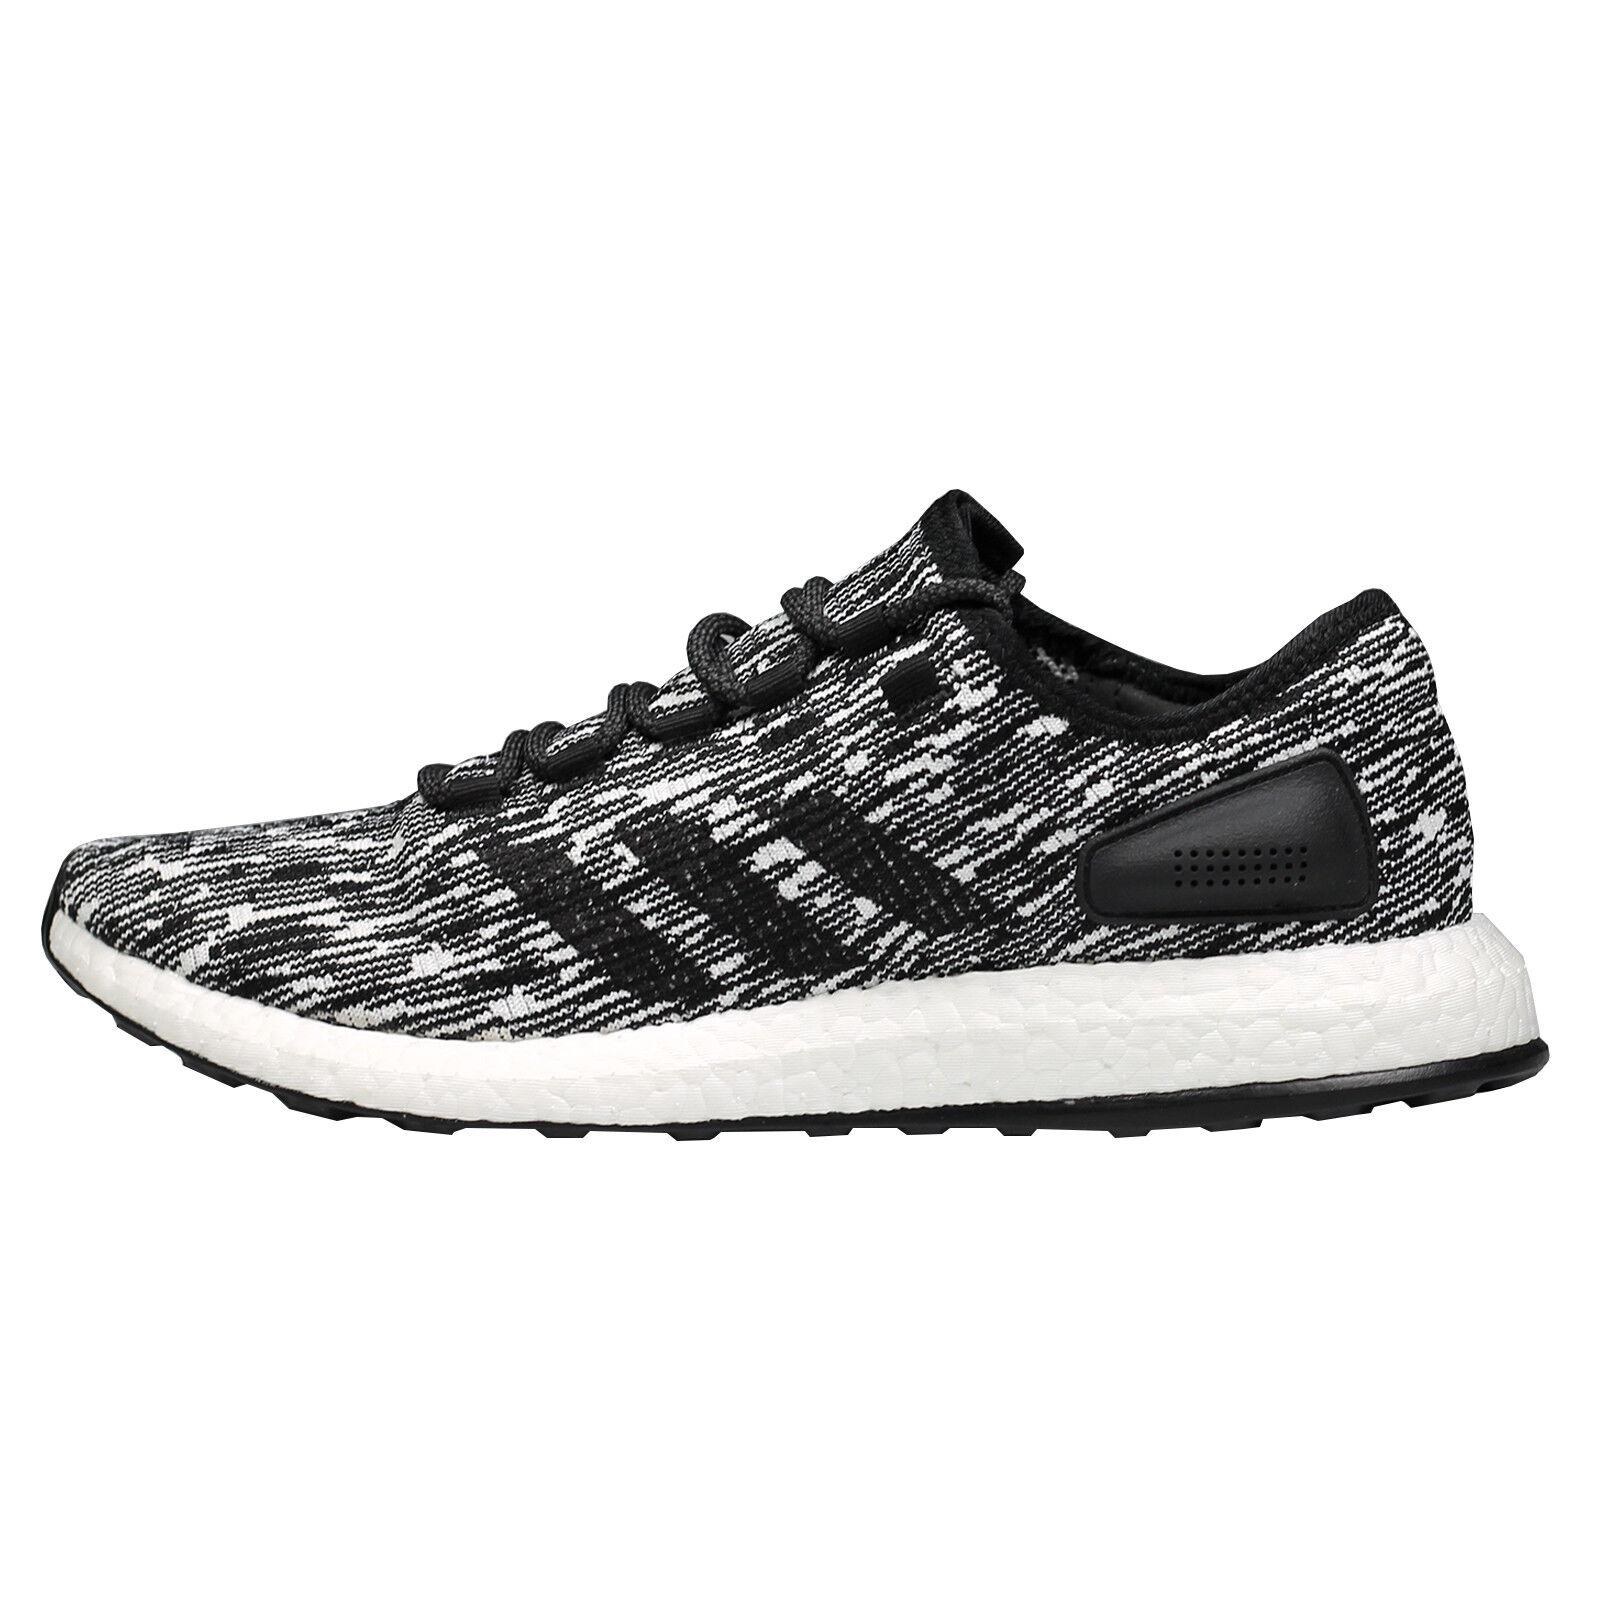 Ανδρικά αθλητικά παπούτσια Adidas PureBOOST Αθλητικά παπούτσια BB6280 - μαύρο, Ξ»Ξ΅Ο…ΞΊΟŒ (ΝΕΑ) Λίστα @ $ 180